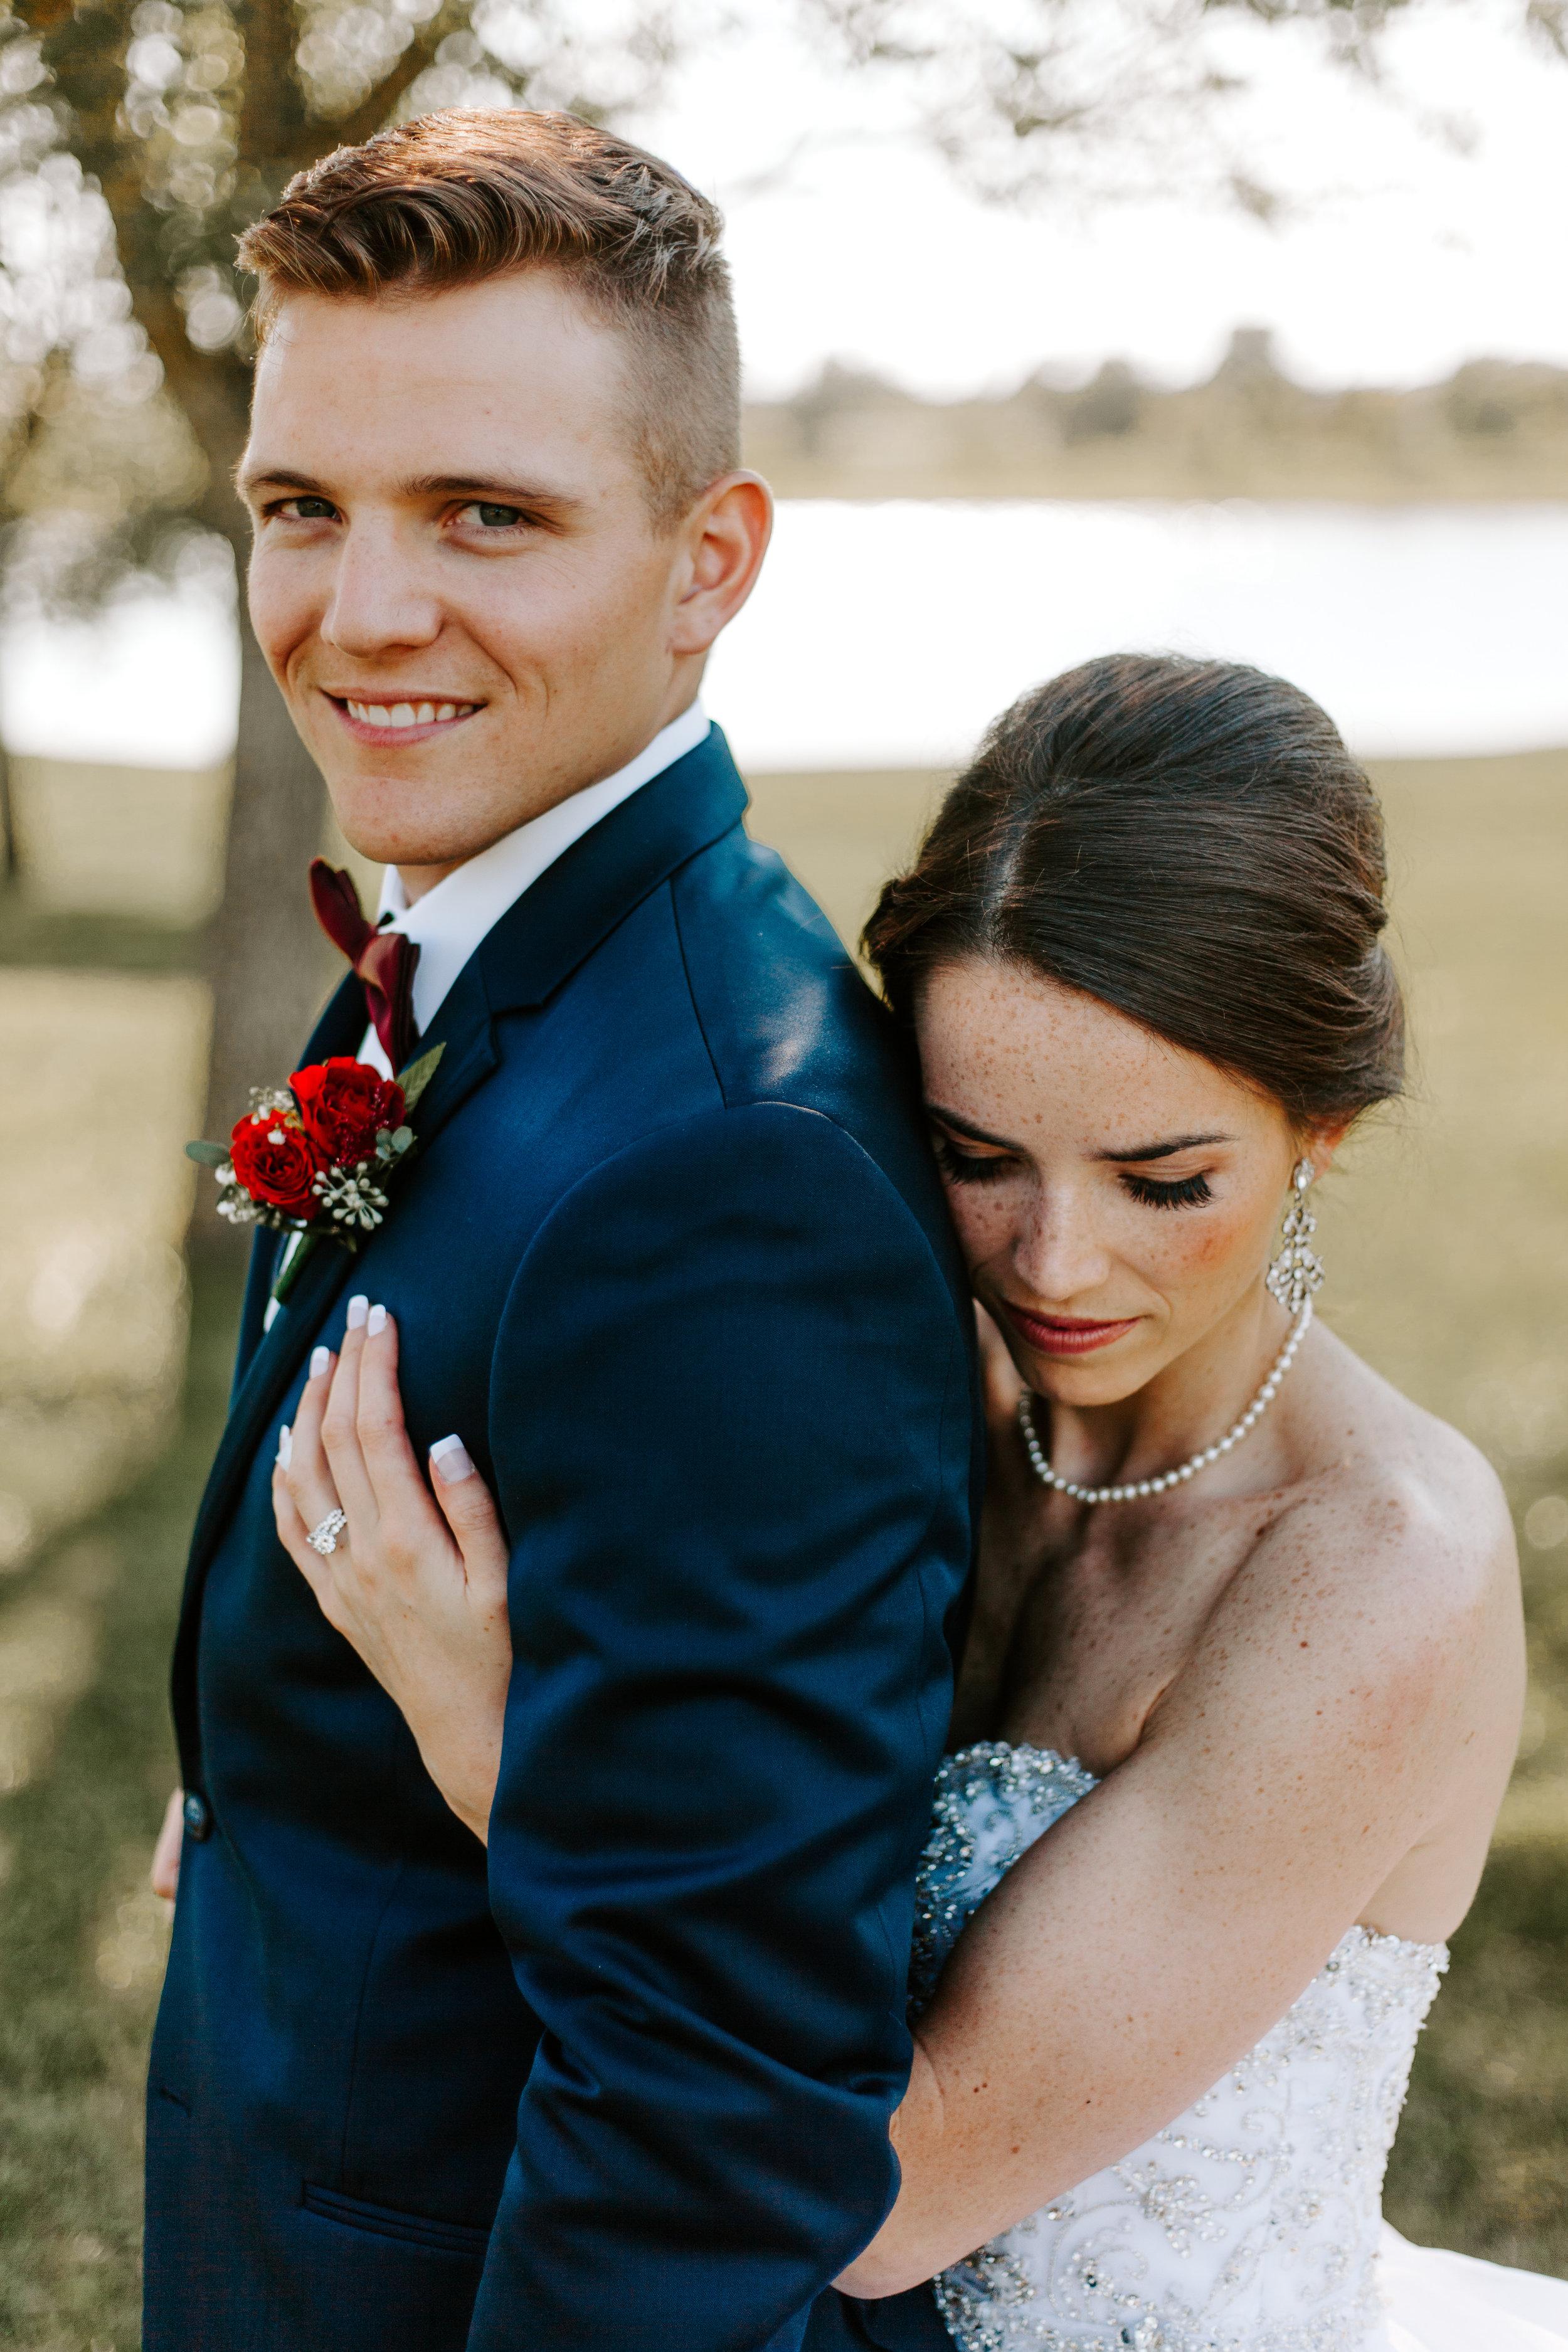 ORSCHELN WEDDING